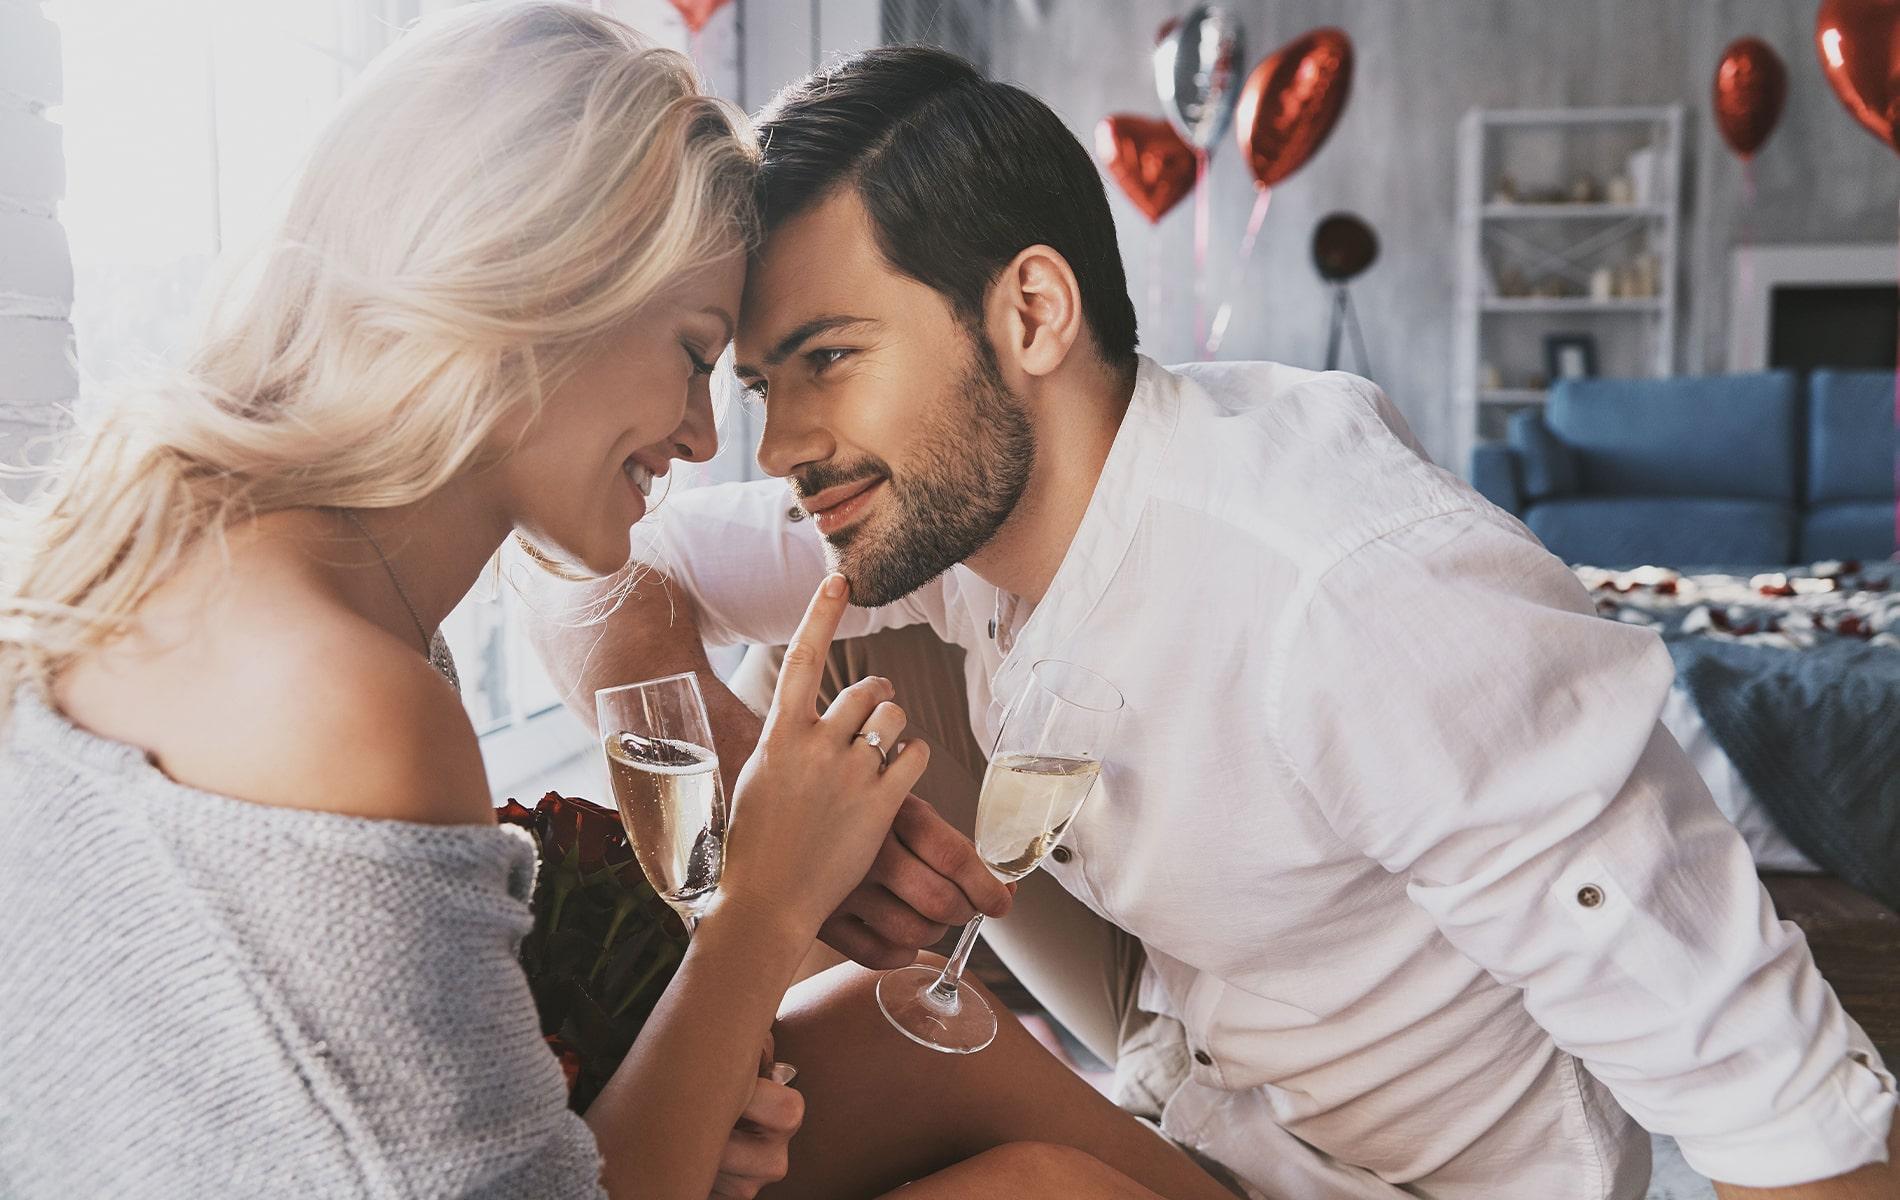 vie magazine valentines day 2021 gift guide